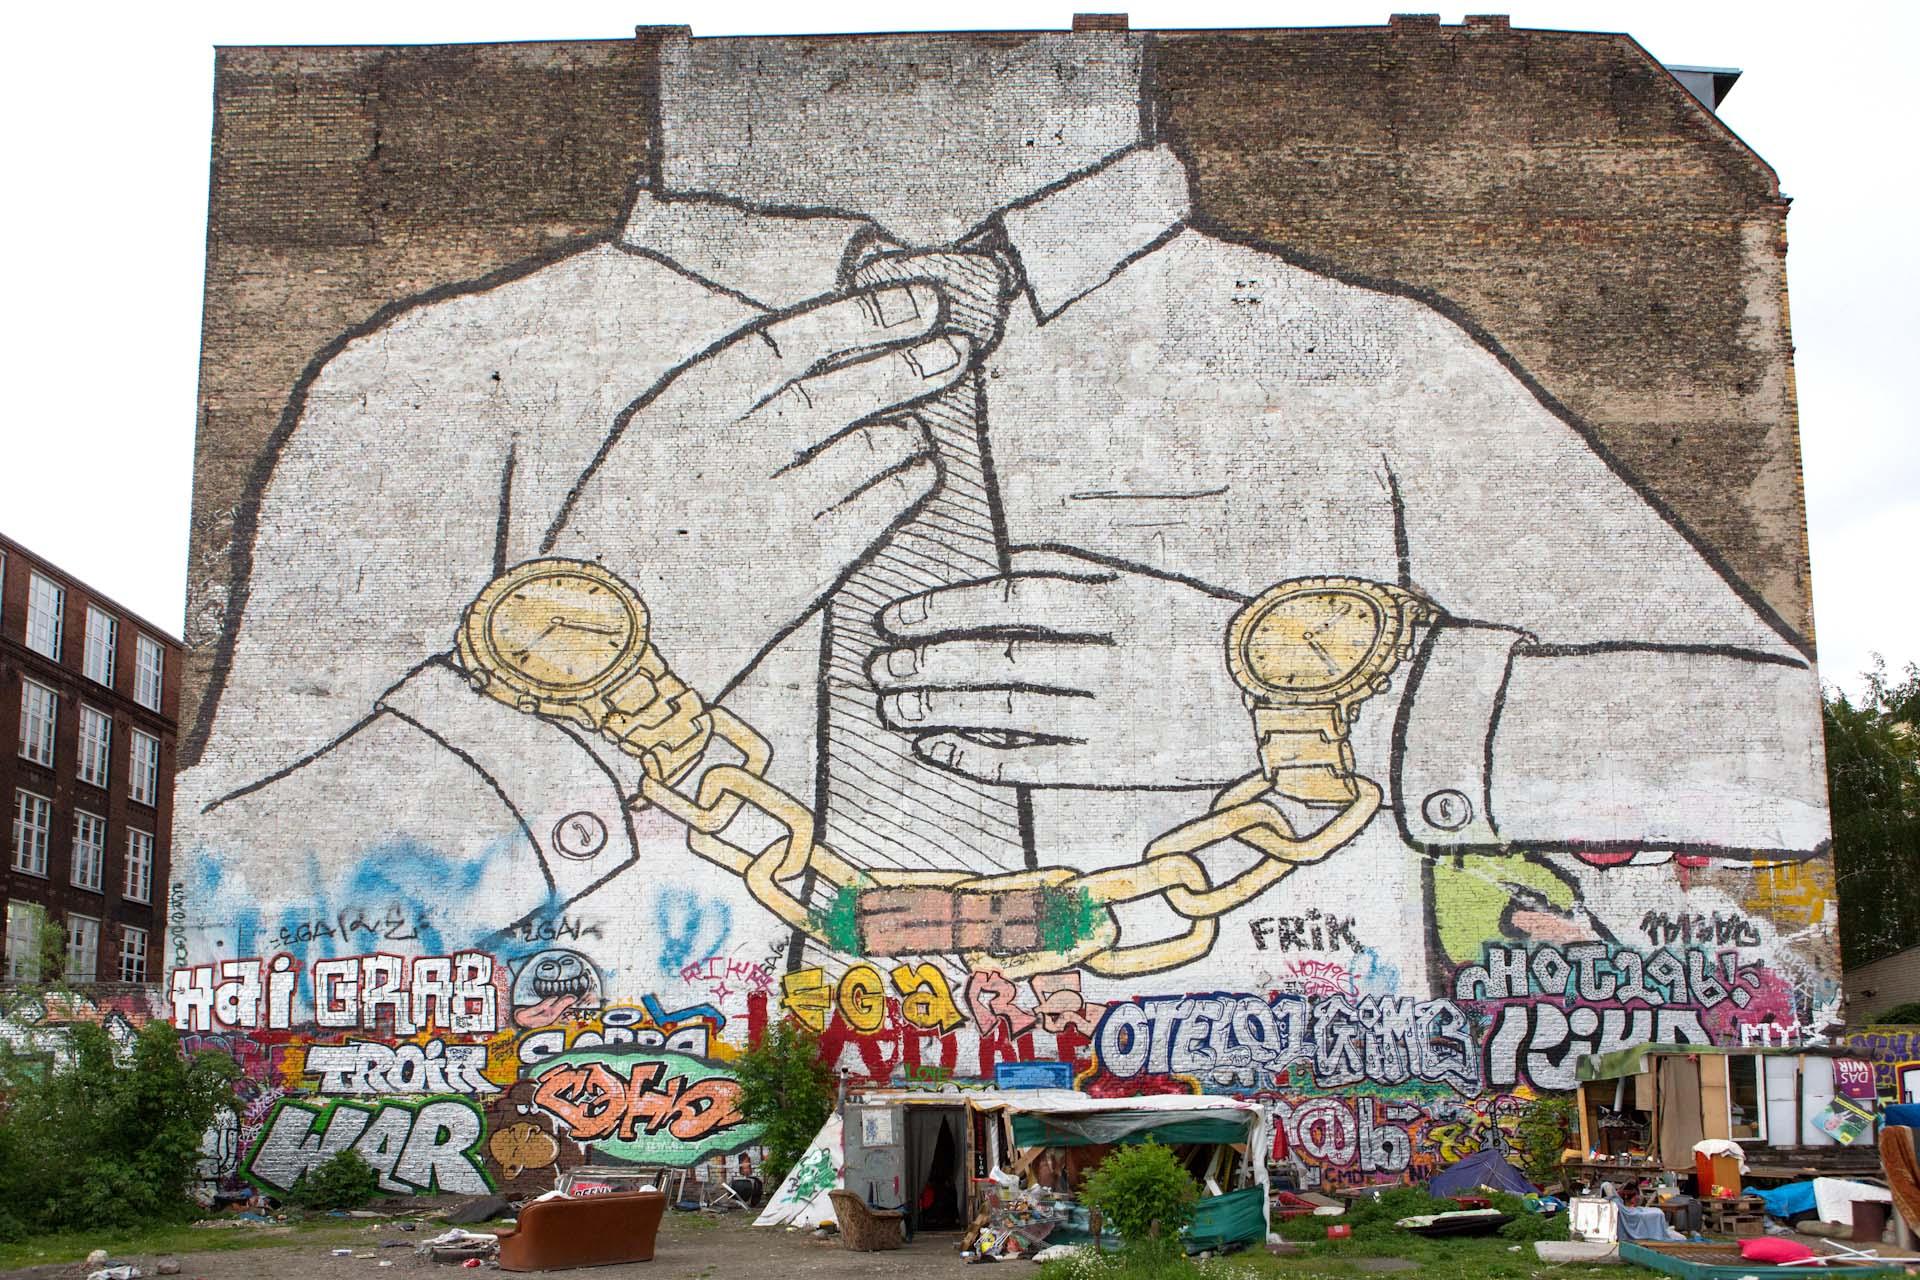 Als Zeichen gegen die Stadtentwicklungspolitik und den Umgang Berlins mit der Kunst wurden das Graffiti im Dezember 2014 im Einvernehmen mit dem Künstler Blu mit schwarzer Farbe übermalt.